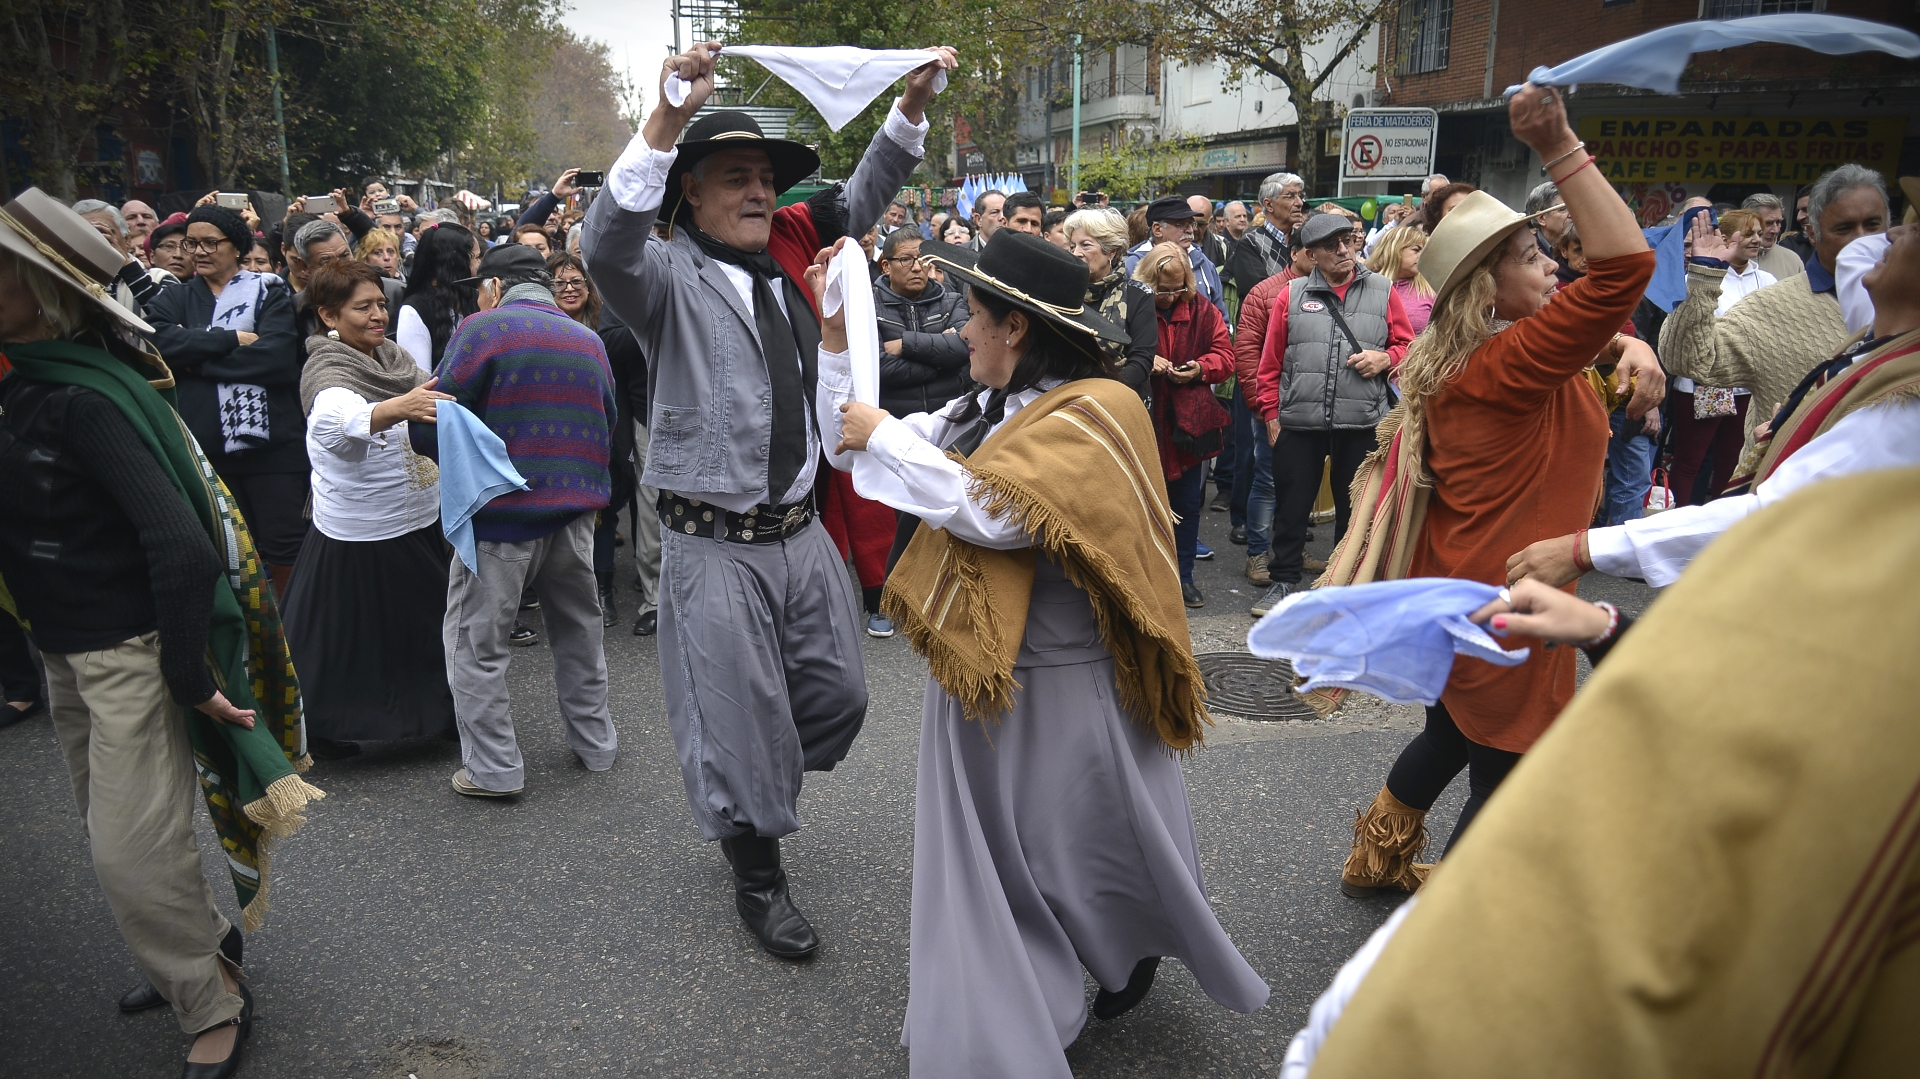 Uninstantedel baile que hubo en plena calle